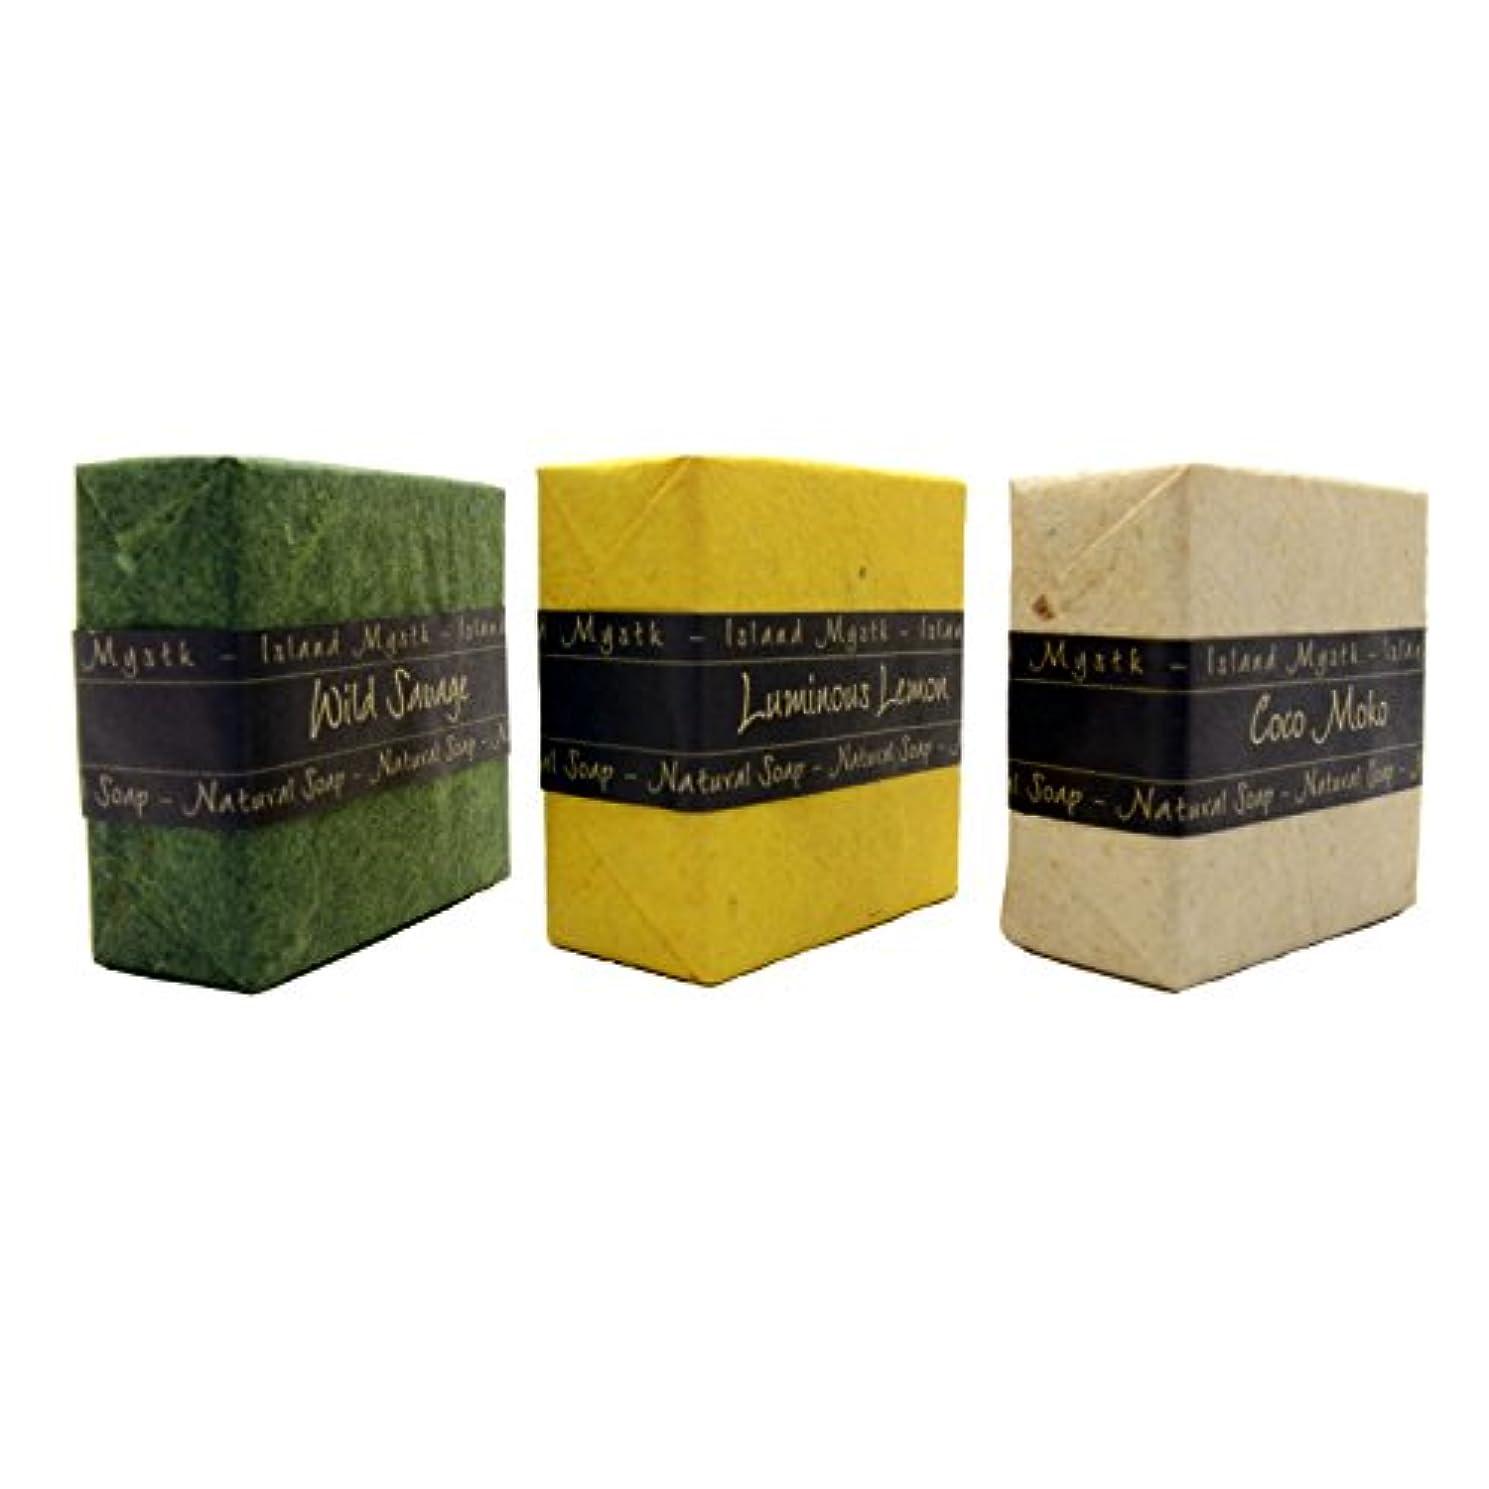 メロドラマ印象的国民投票アイランドミスティック 3個セット 緑黄白 115g×3 ココナッツ石鹸 バリ島 Island Mystk 天然素材100% 無添加 オーガニック